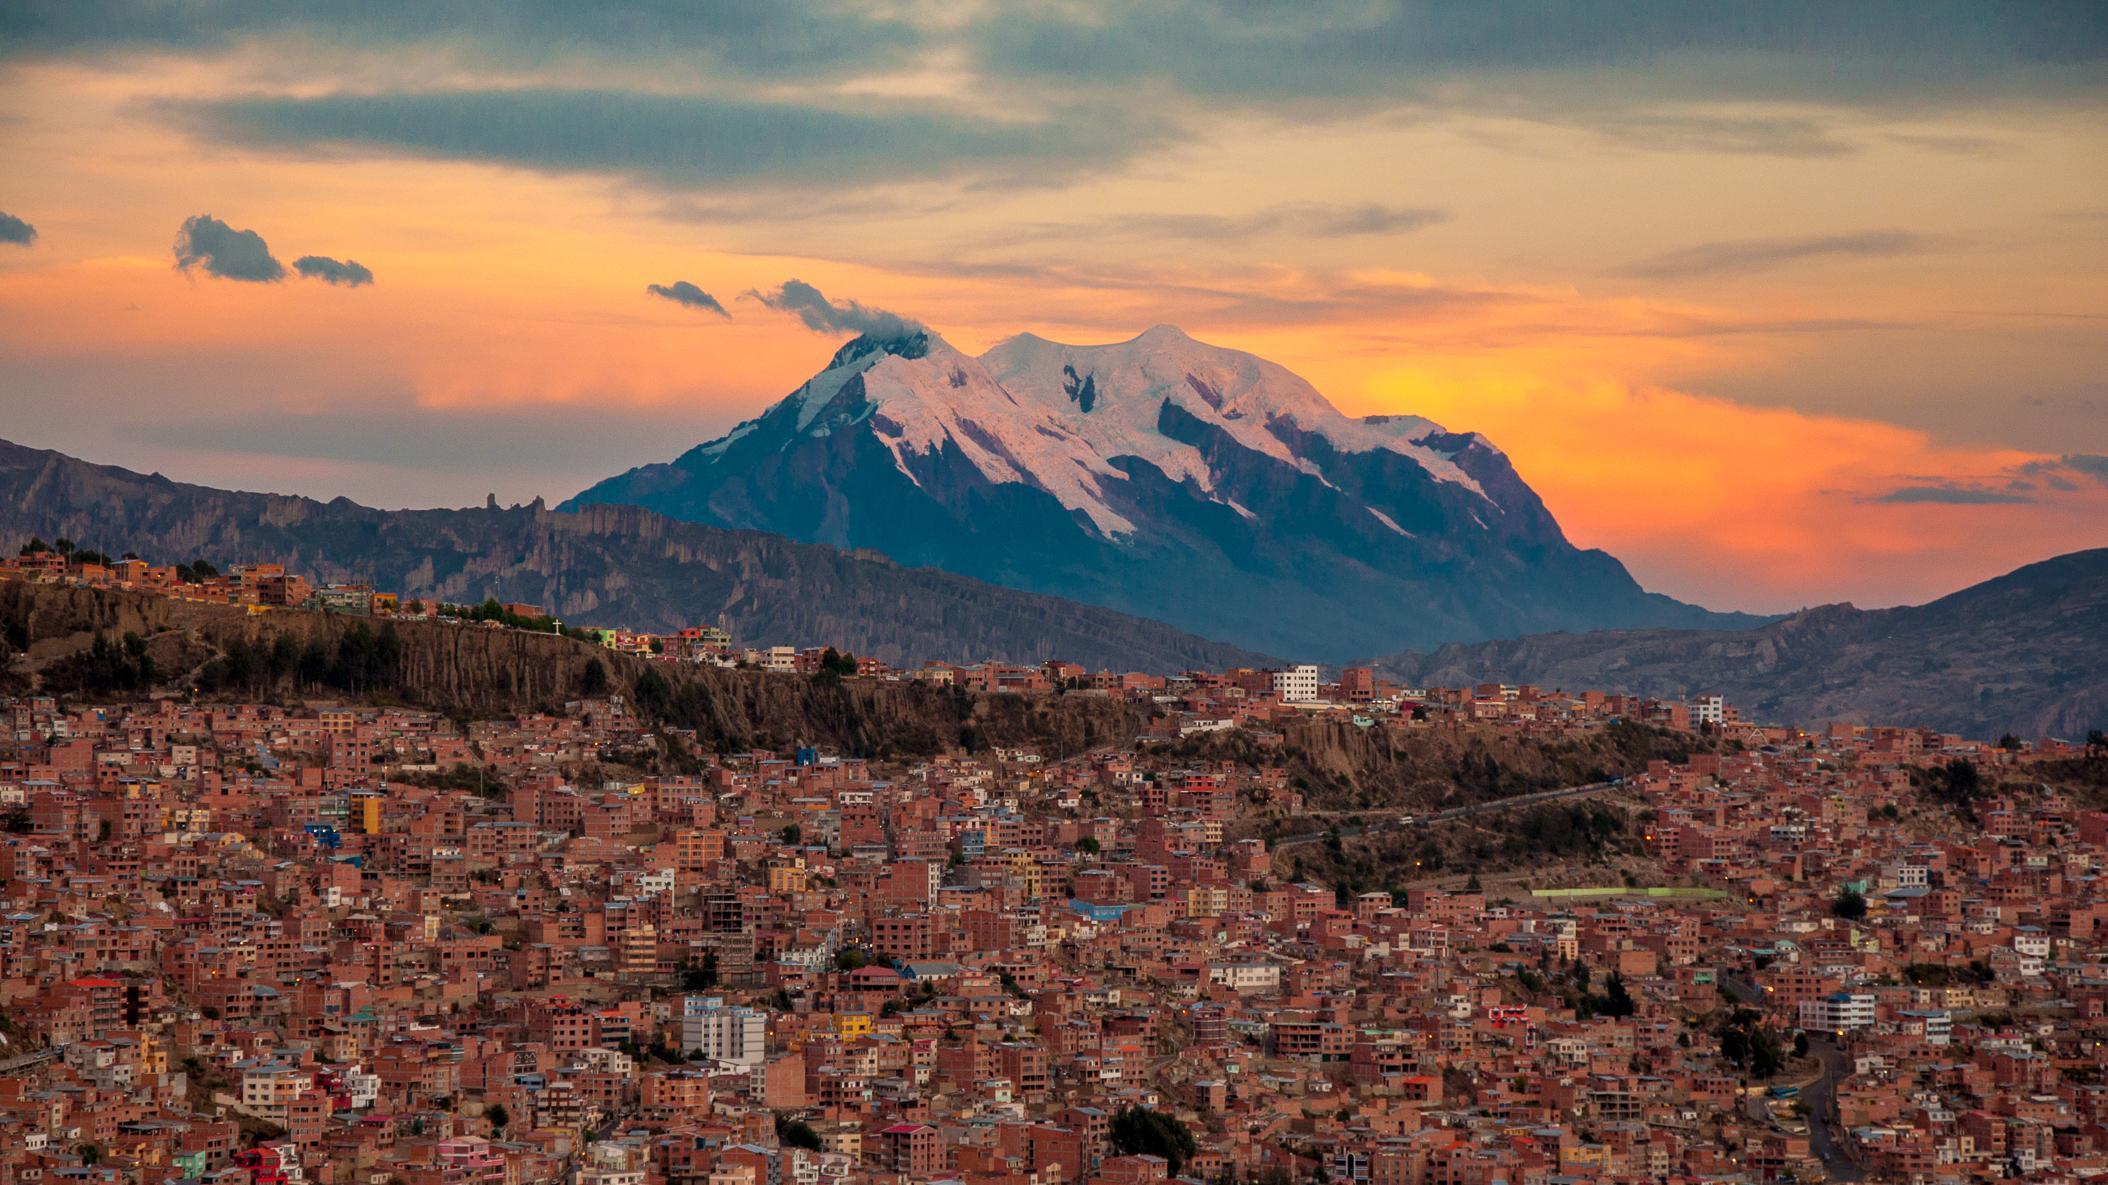 Nevado-Illimani-La-Paz-Bolivia